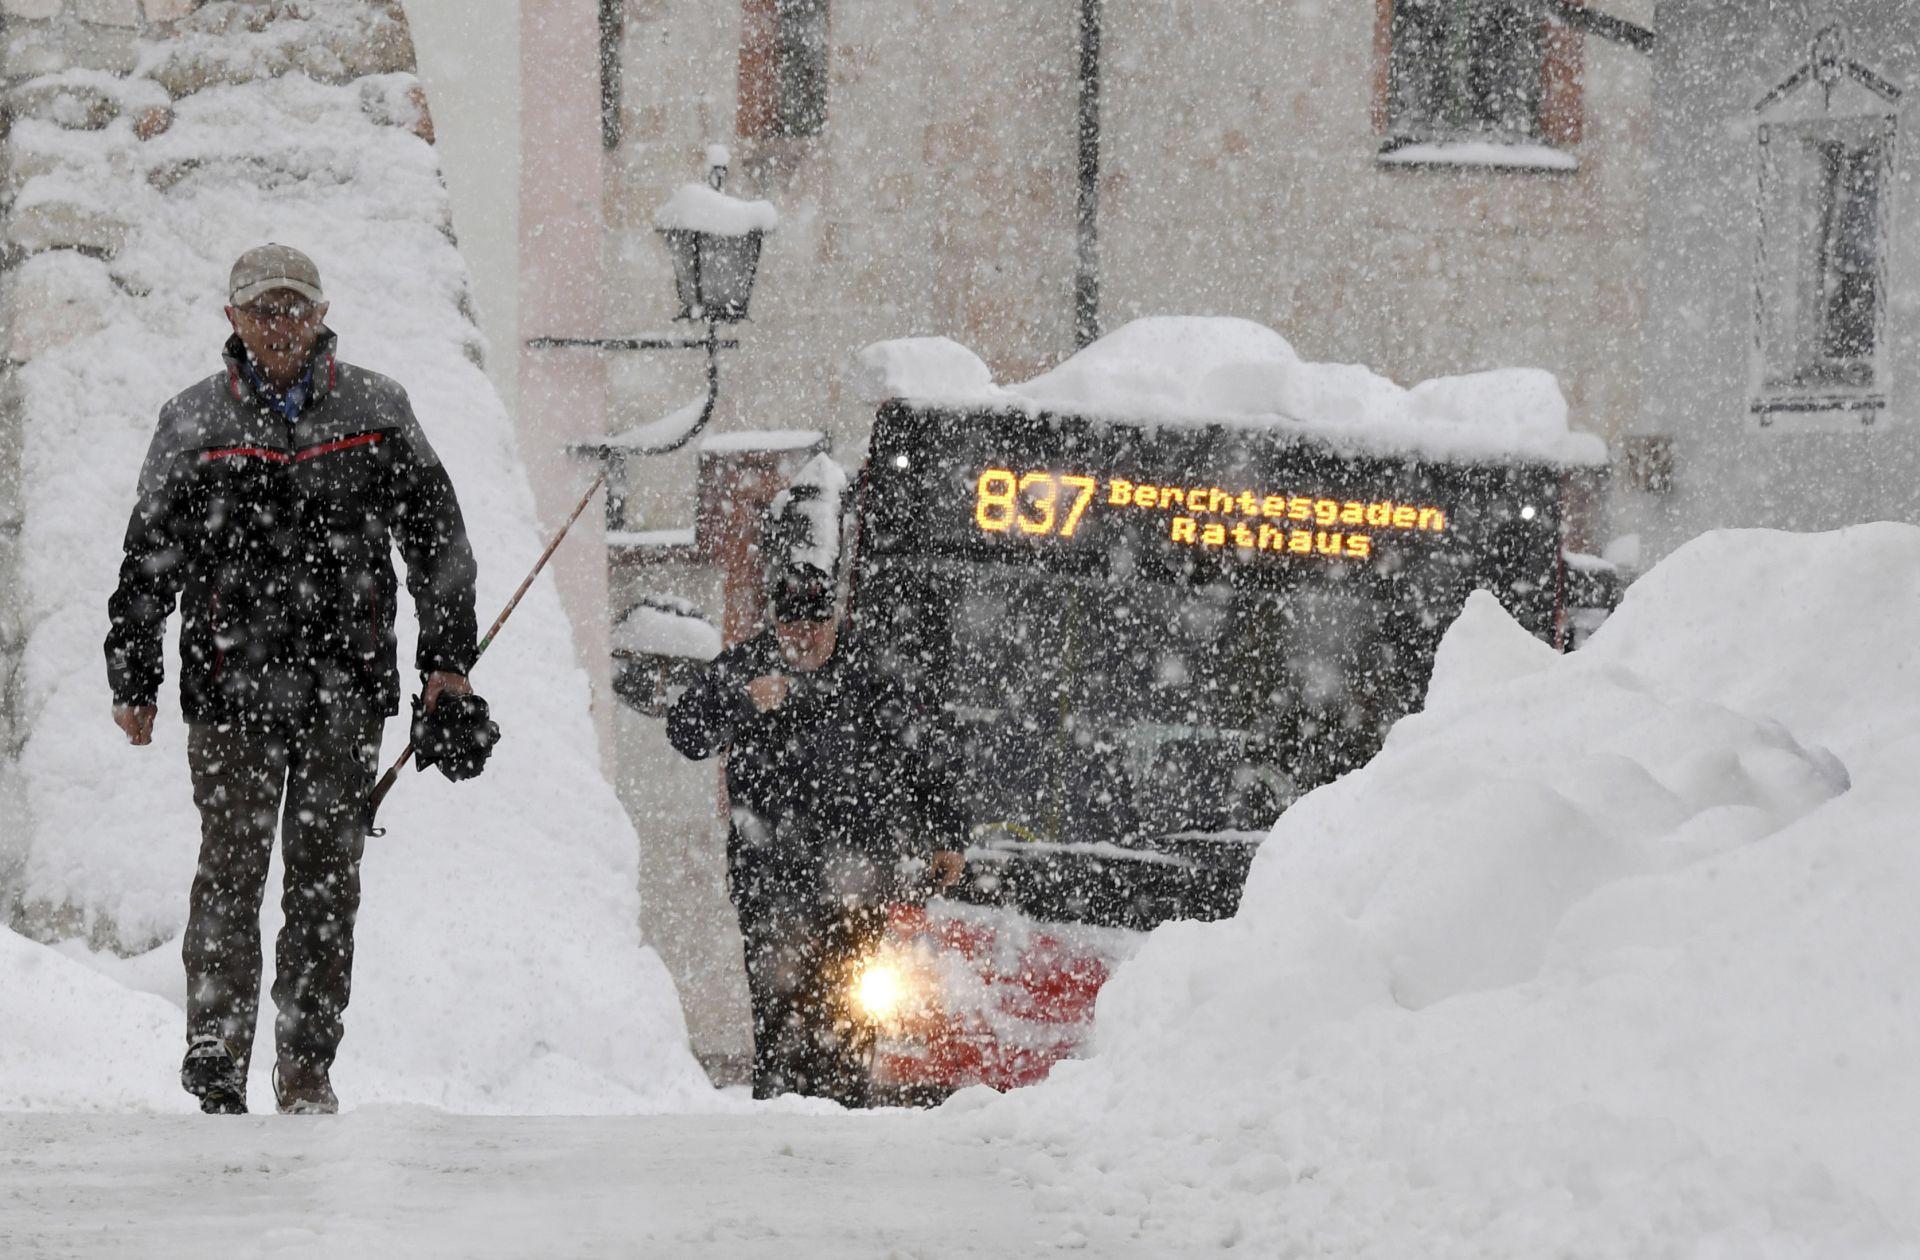 Човек и автобус си проправят път по улица в Берхтесгаден, южна Германия